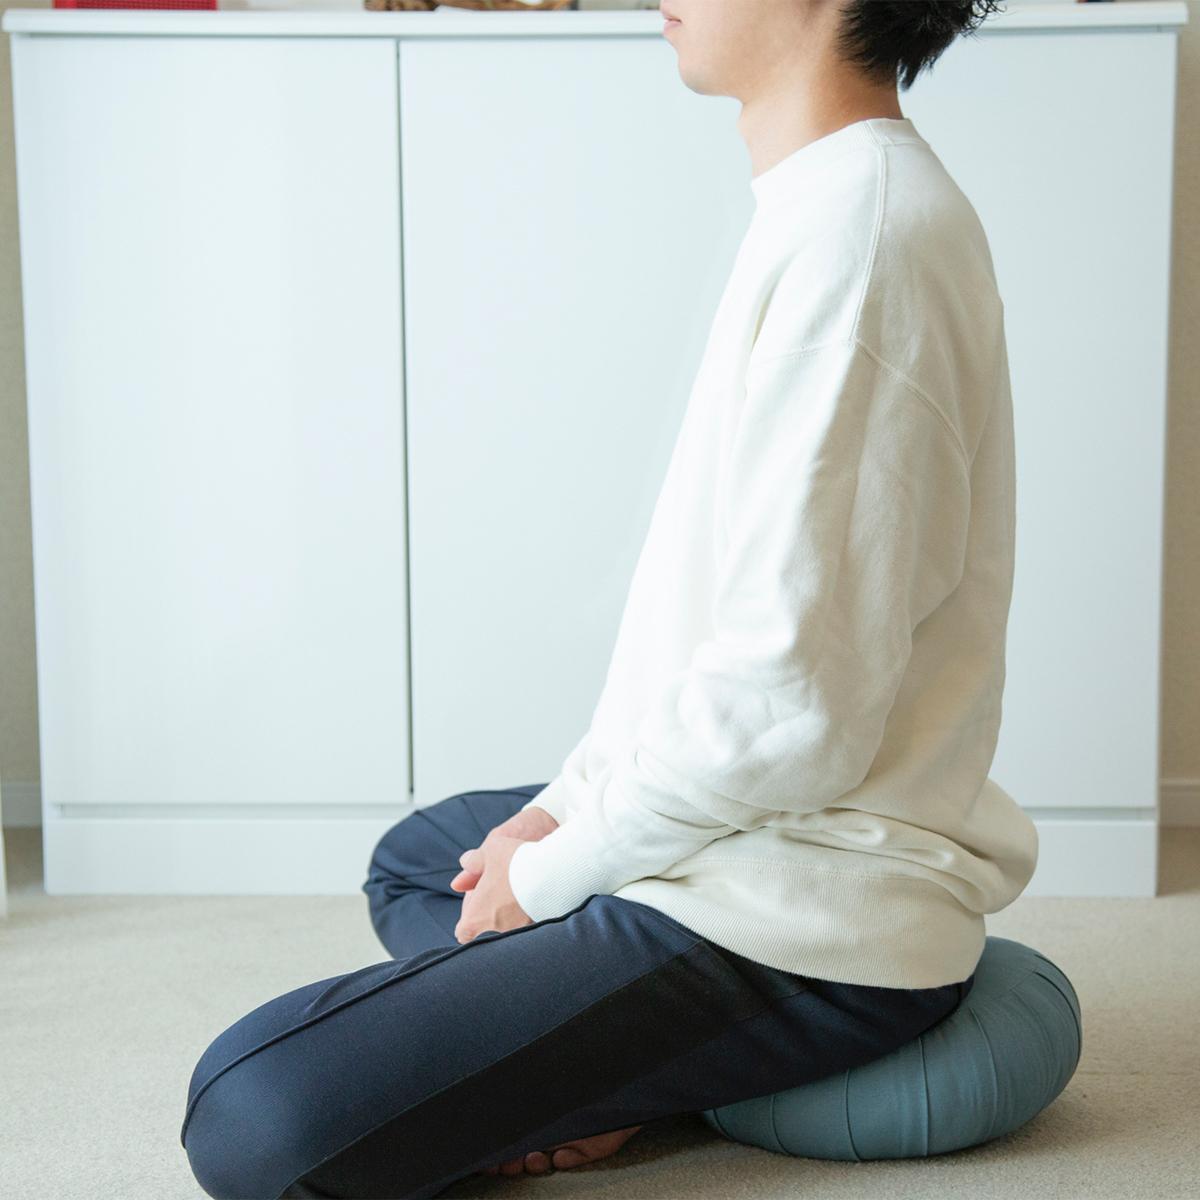 (4)マインドフルネスを習慣にし、日々のパフォーマンスを上げる。リビング坐禅のはじめ方|坐禅蒲団(坐蒲)・瞑想用クッション| ZAF(ザフ)